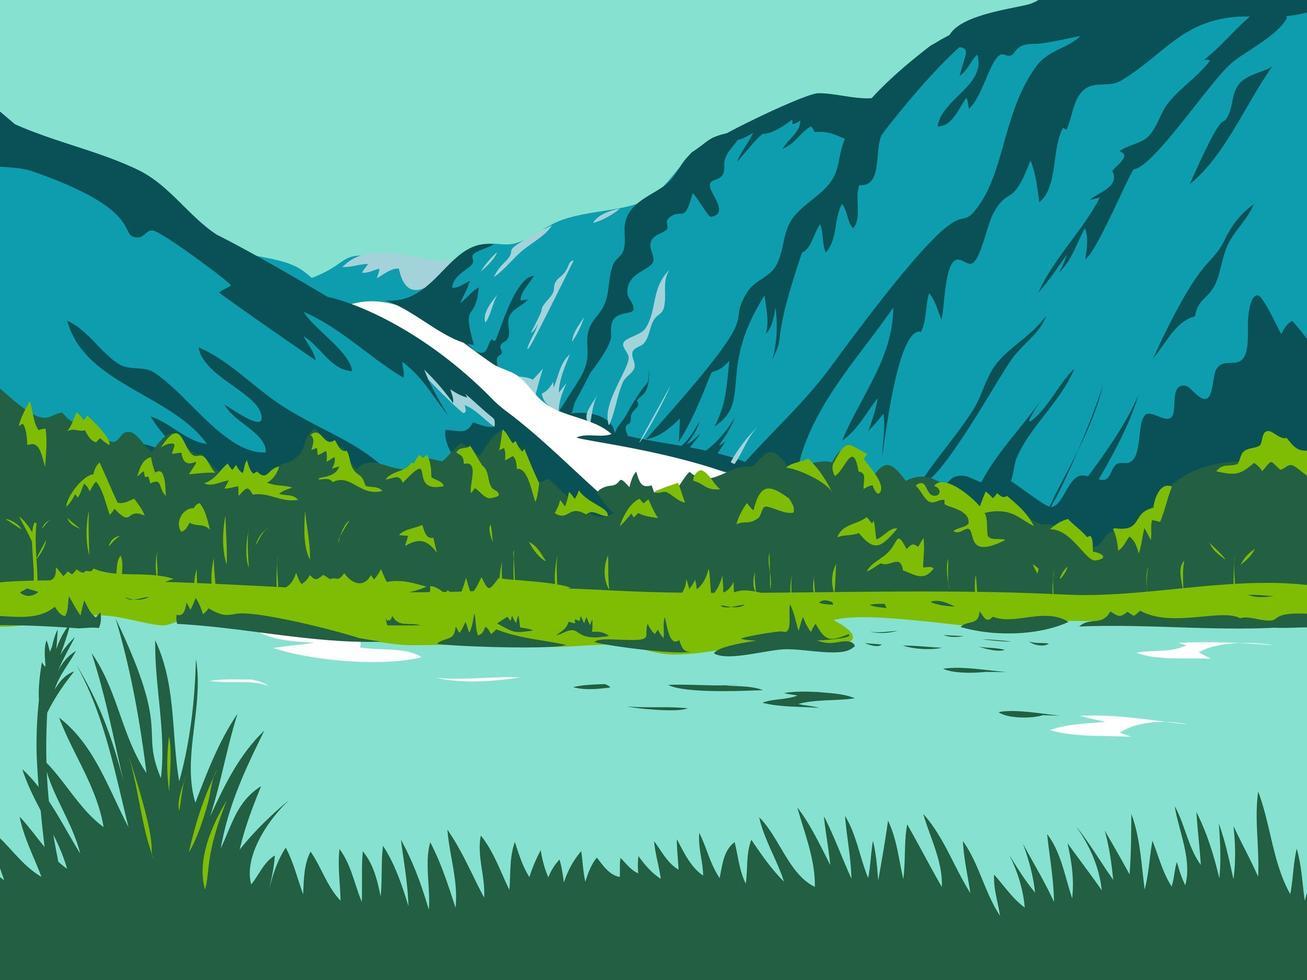 glacier du renard et glacier franz josef wpa vecteur